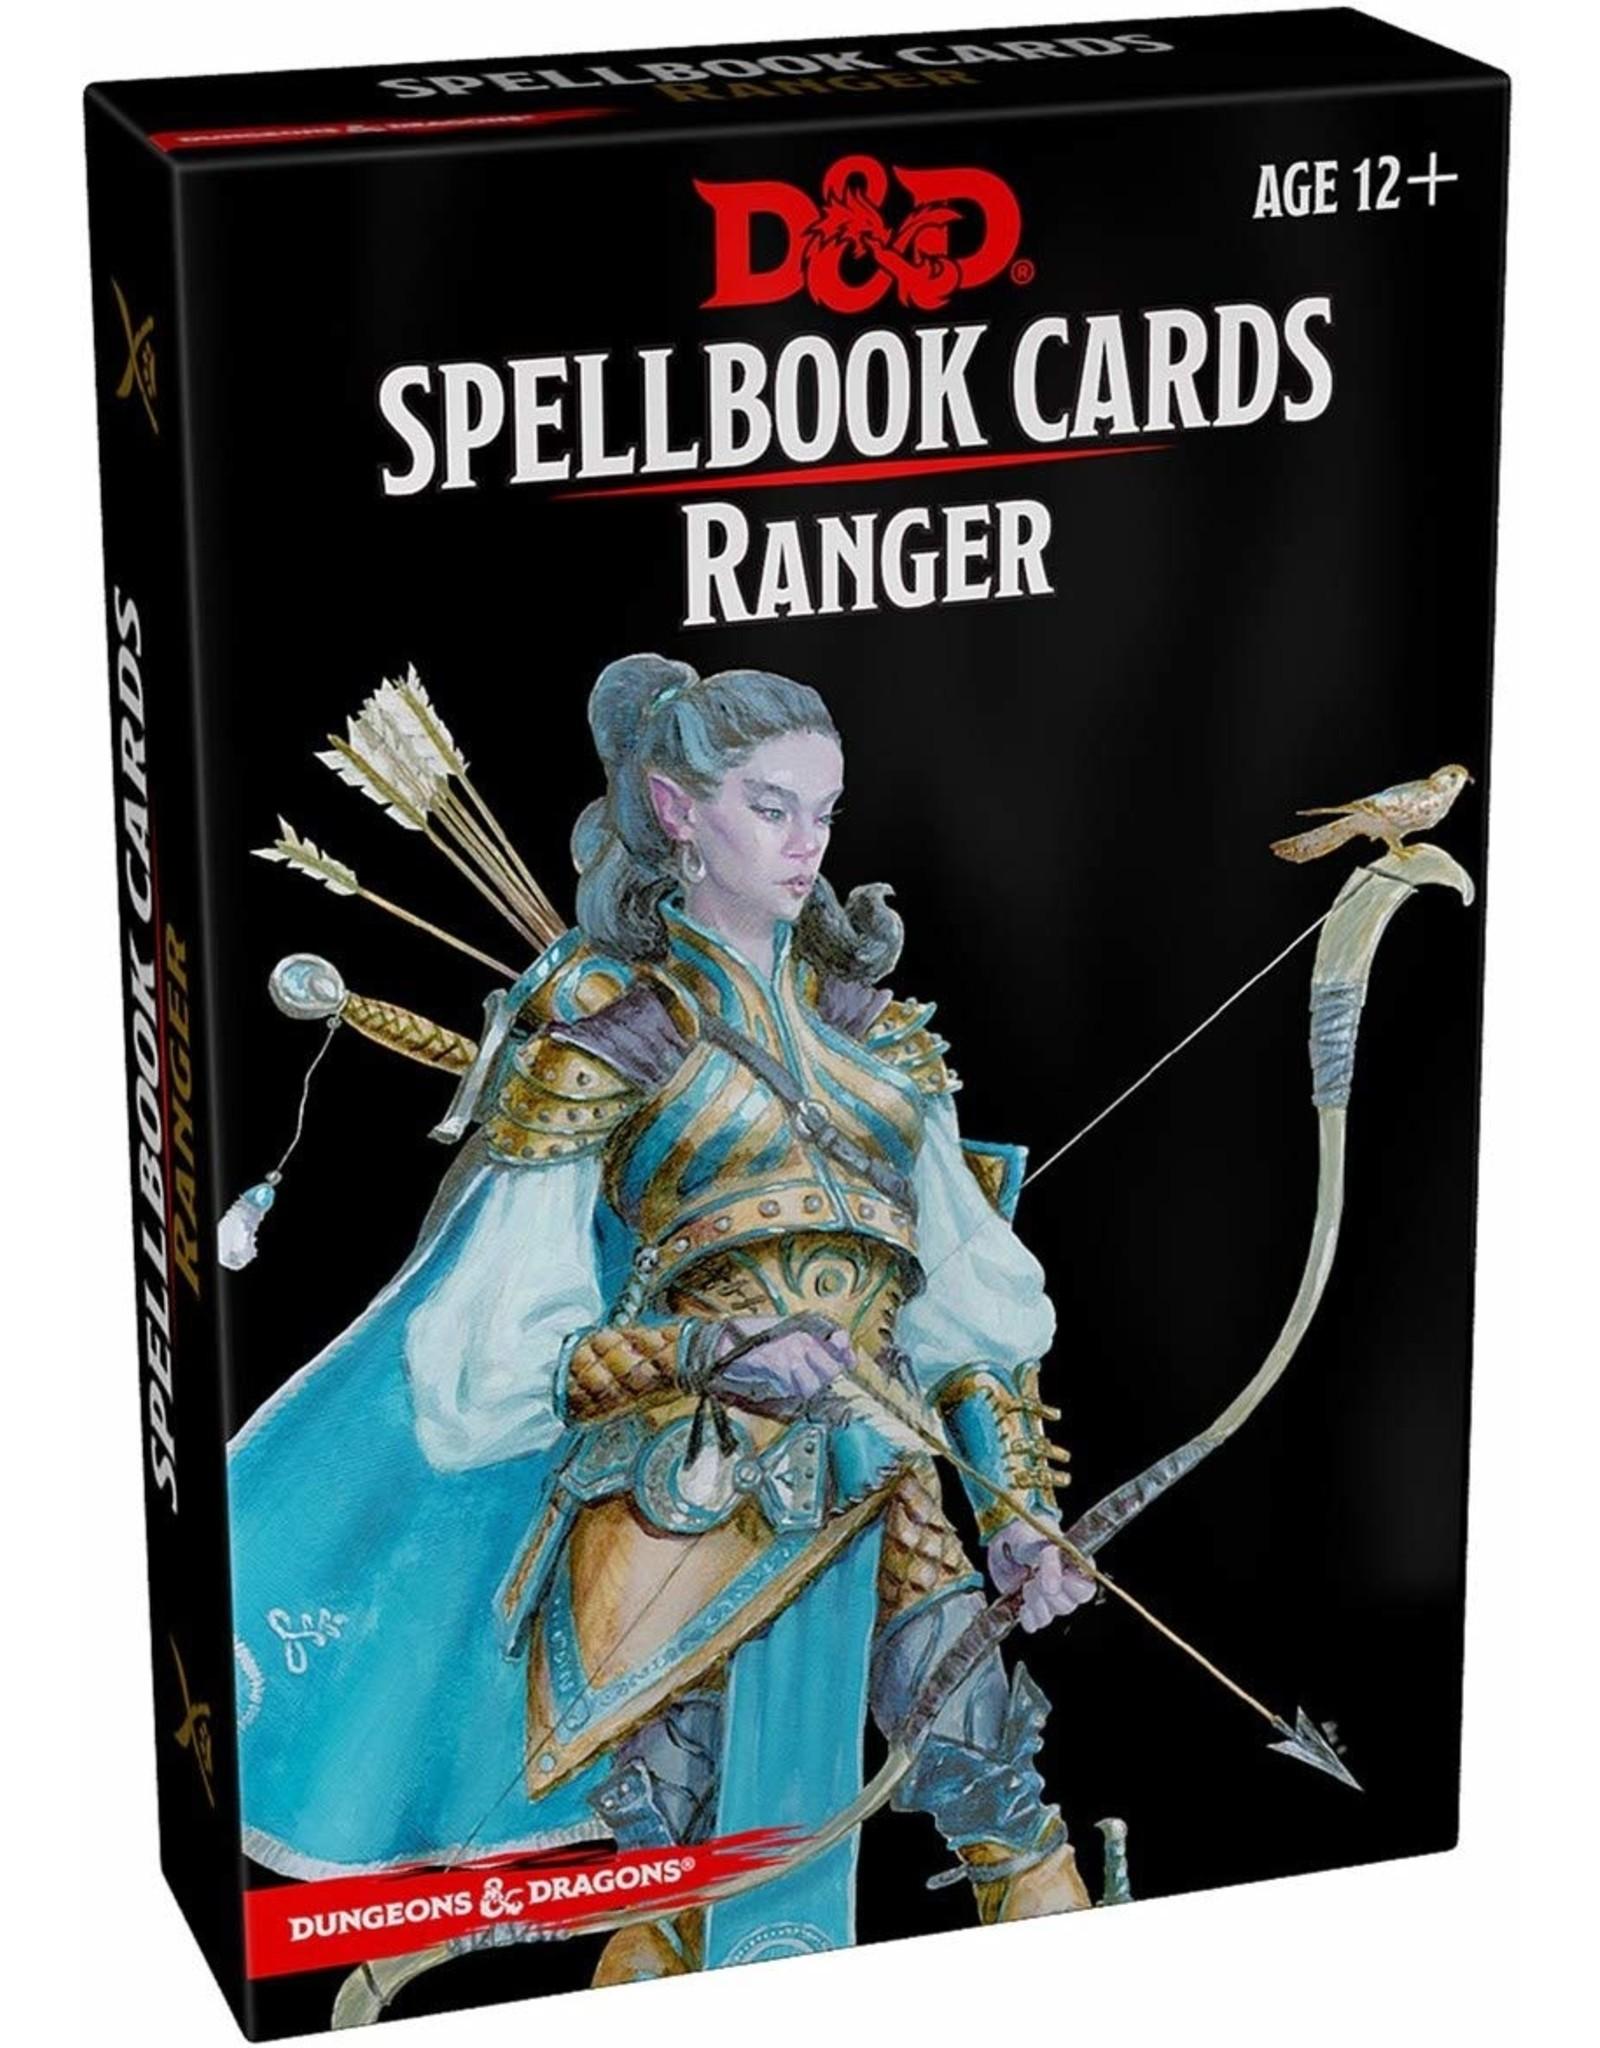 D&D SPELLBOOK CARDS RANGER